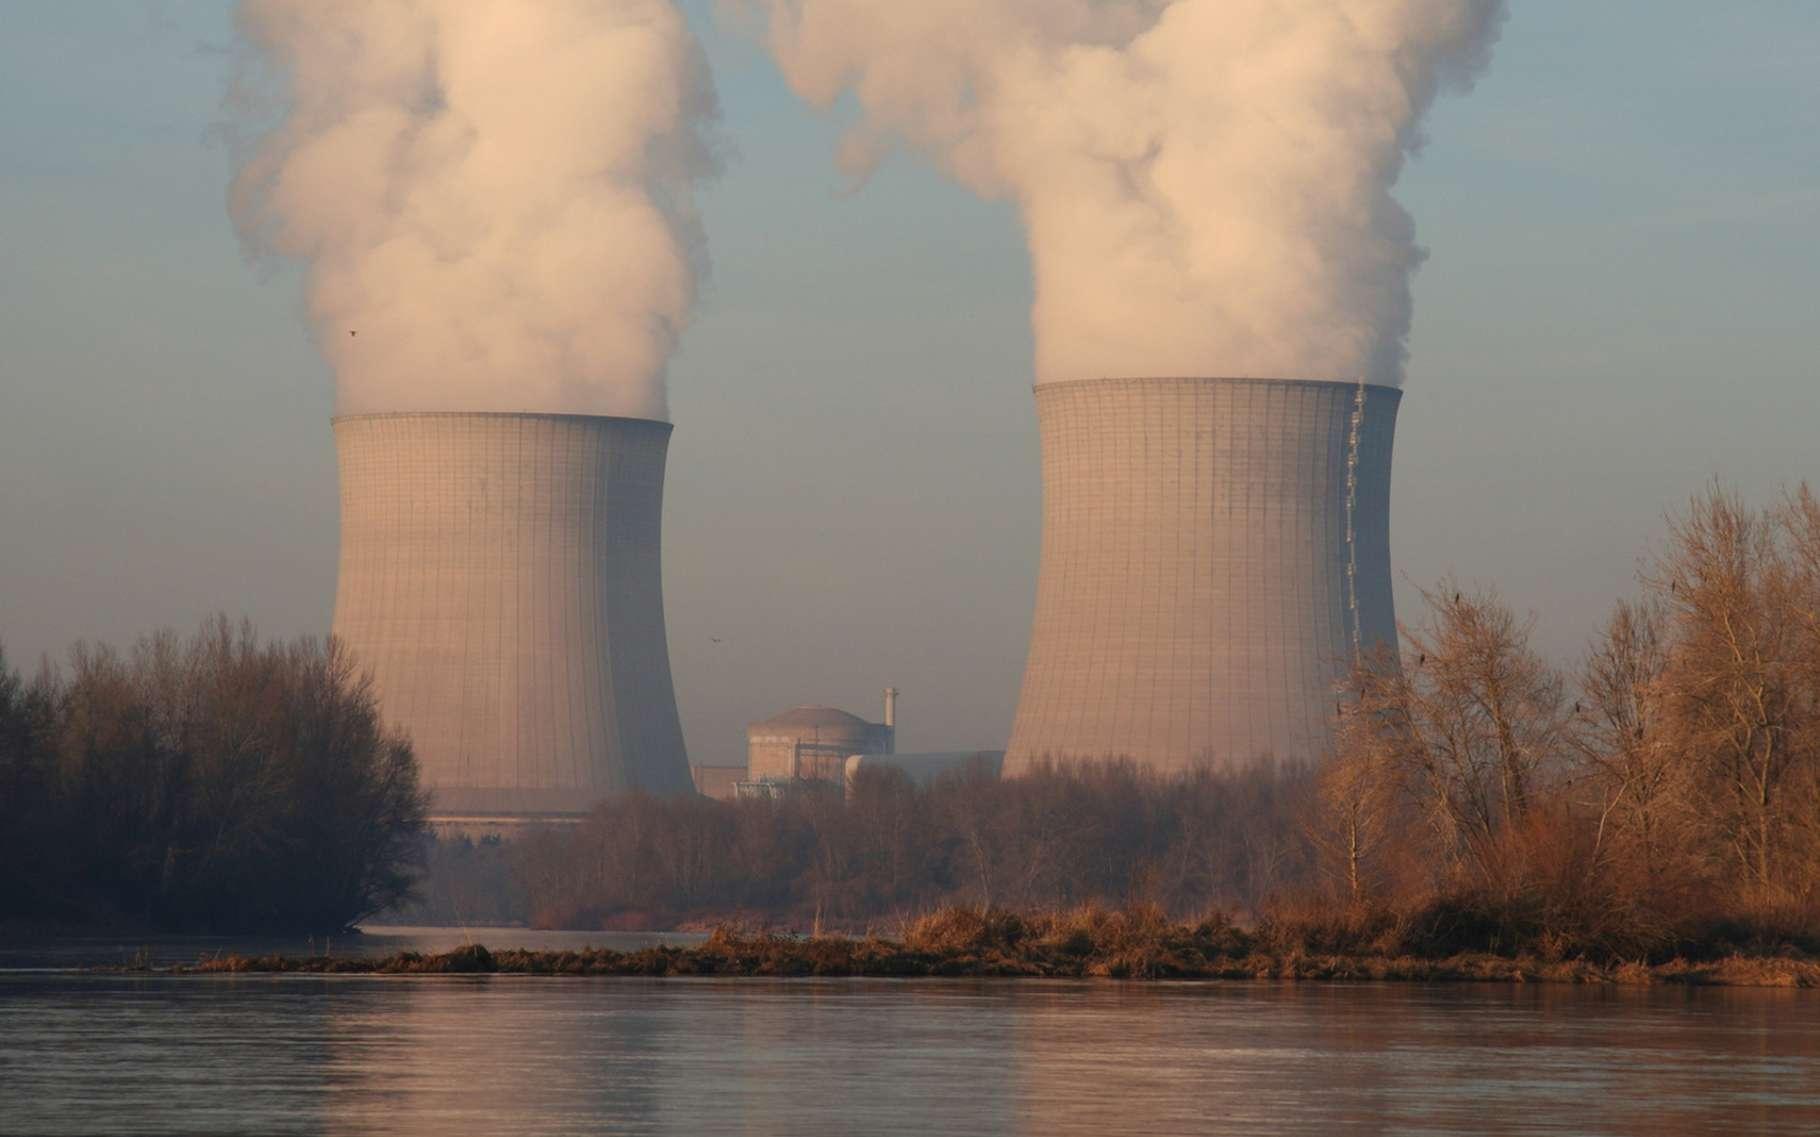 Même si elle estime qu'il n'y a aucun danger pour la santé, l'Autorité de sureté nucléaire va enquêter suite à la publication de chiffres indiquant une concentration anormalement élevée de tritium dans les eaux de la Loire en janvier 2019, en aval de cinq centrales nucléaires. © Guillaume Besnard, Fotolia